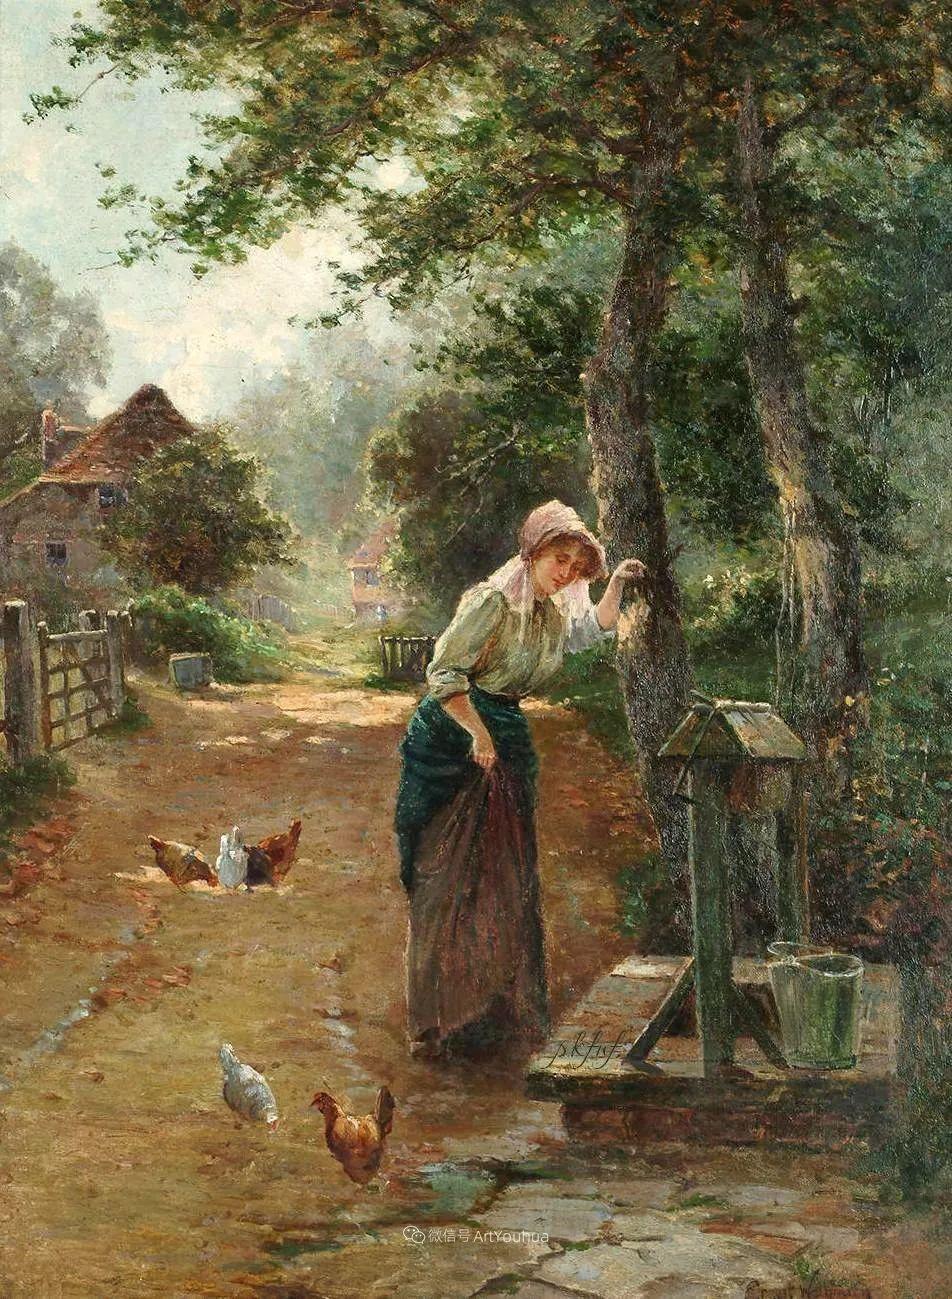 他笔下的绝美乡村景象,真令人向往!英国画家Ernest Charles Walbourn作品(上)插图38